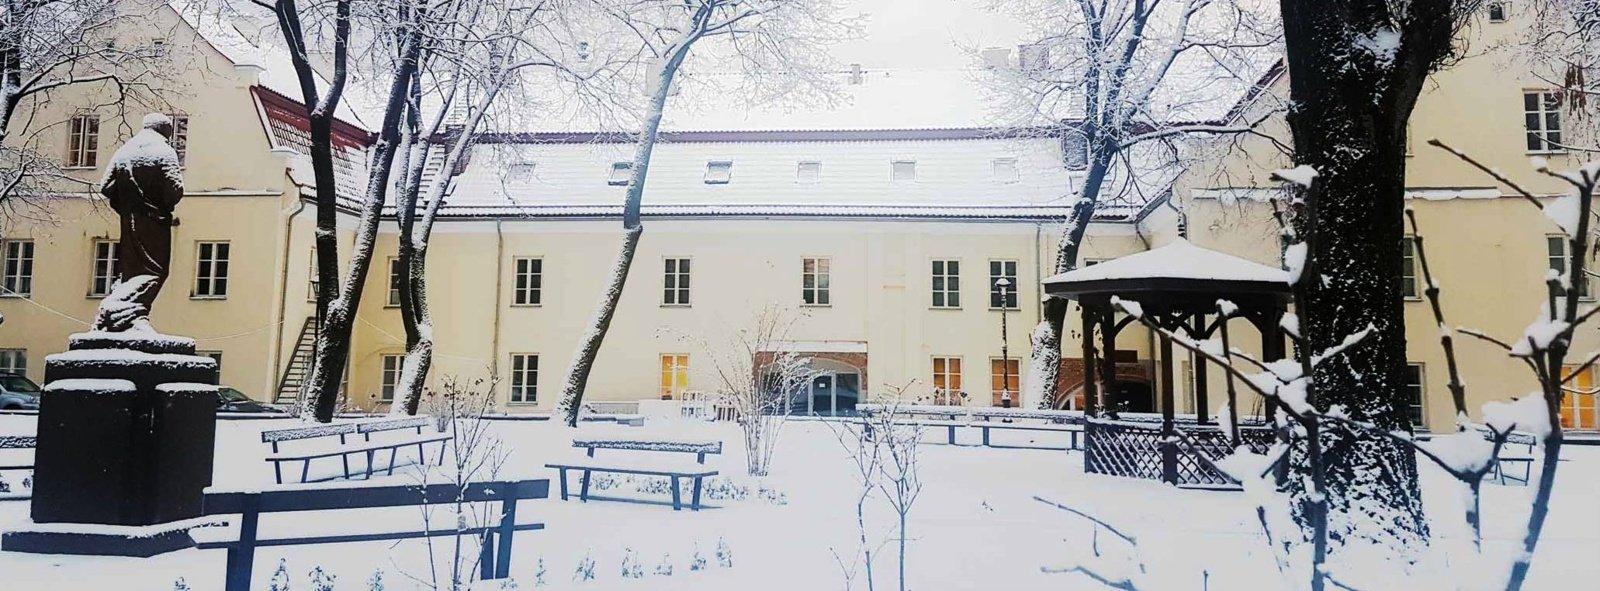 Maironio lietuvių literatūros muziejui šiemet sukaks 85-eri